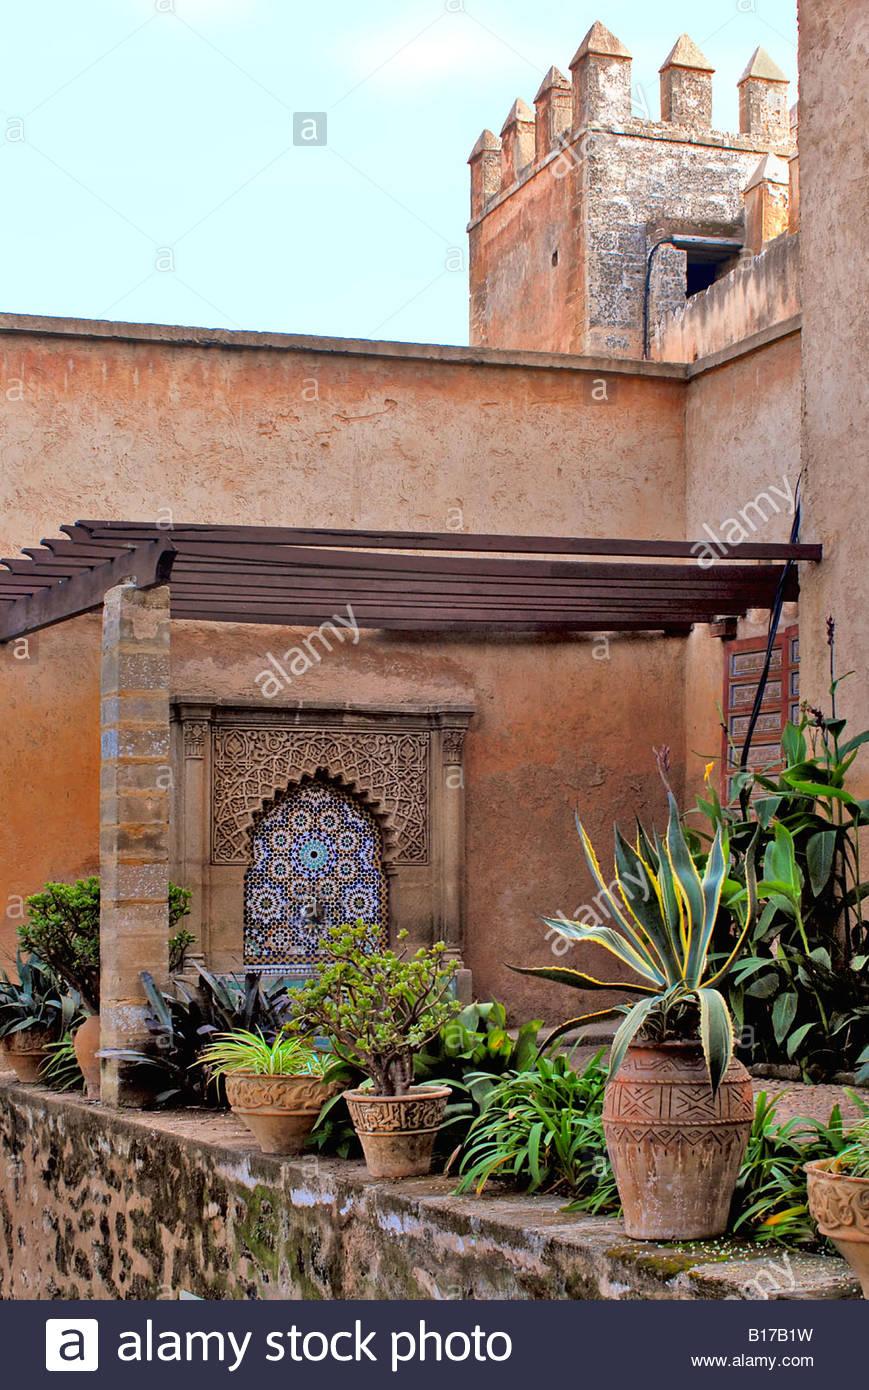 garden design garden design with backyard oil barons barons of